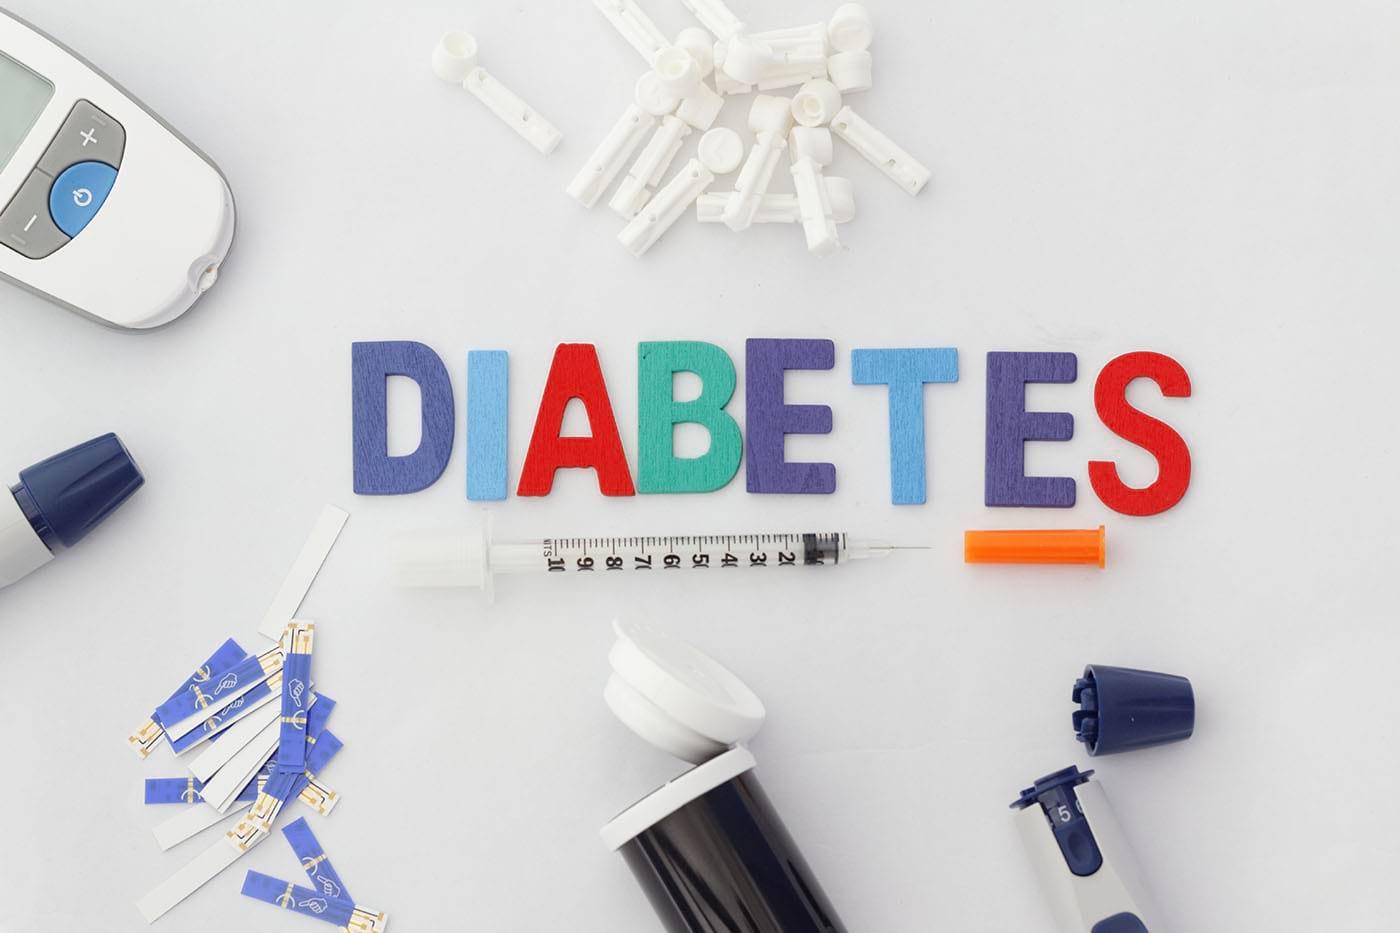 Numărul bolnavilor de diabet s-a triplat în ultimii 25 de ani